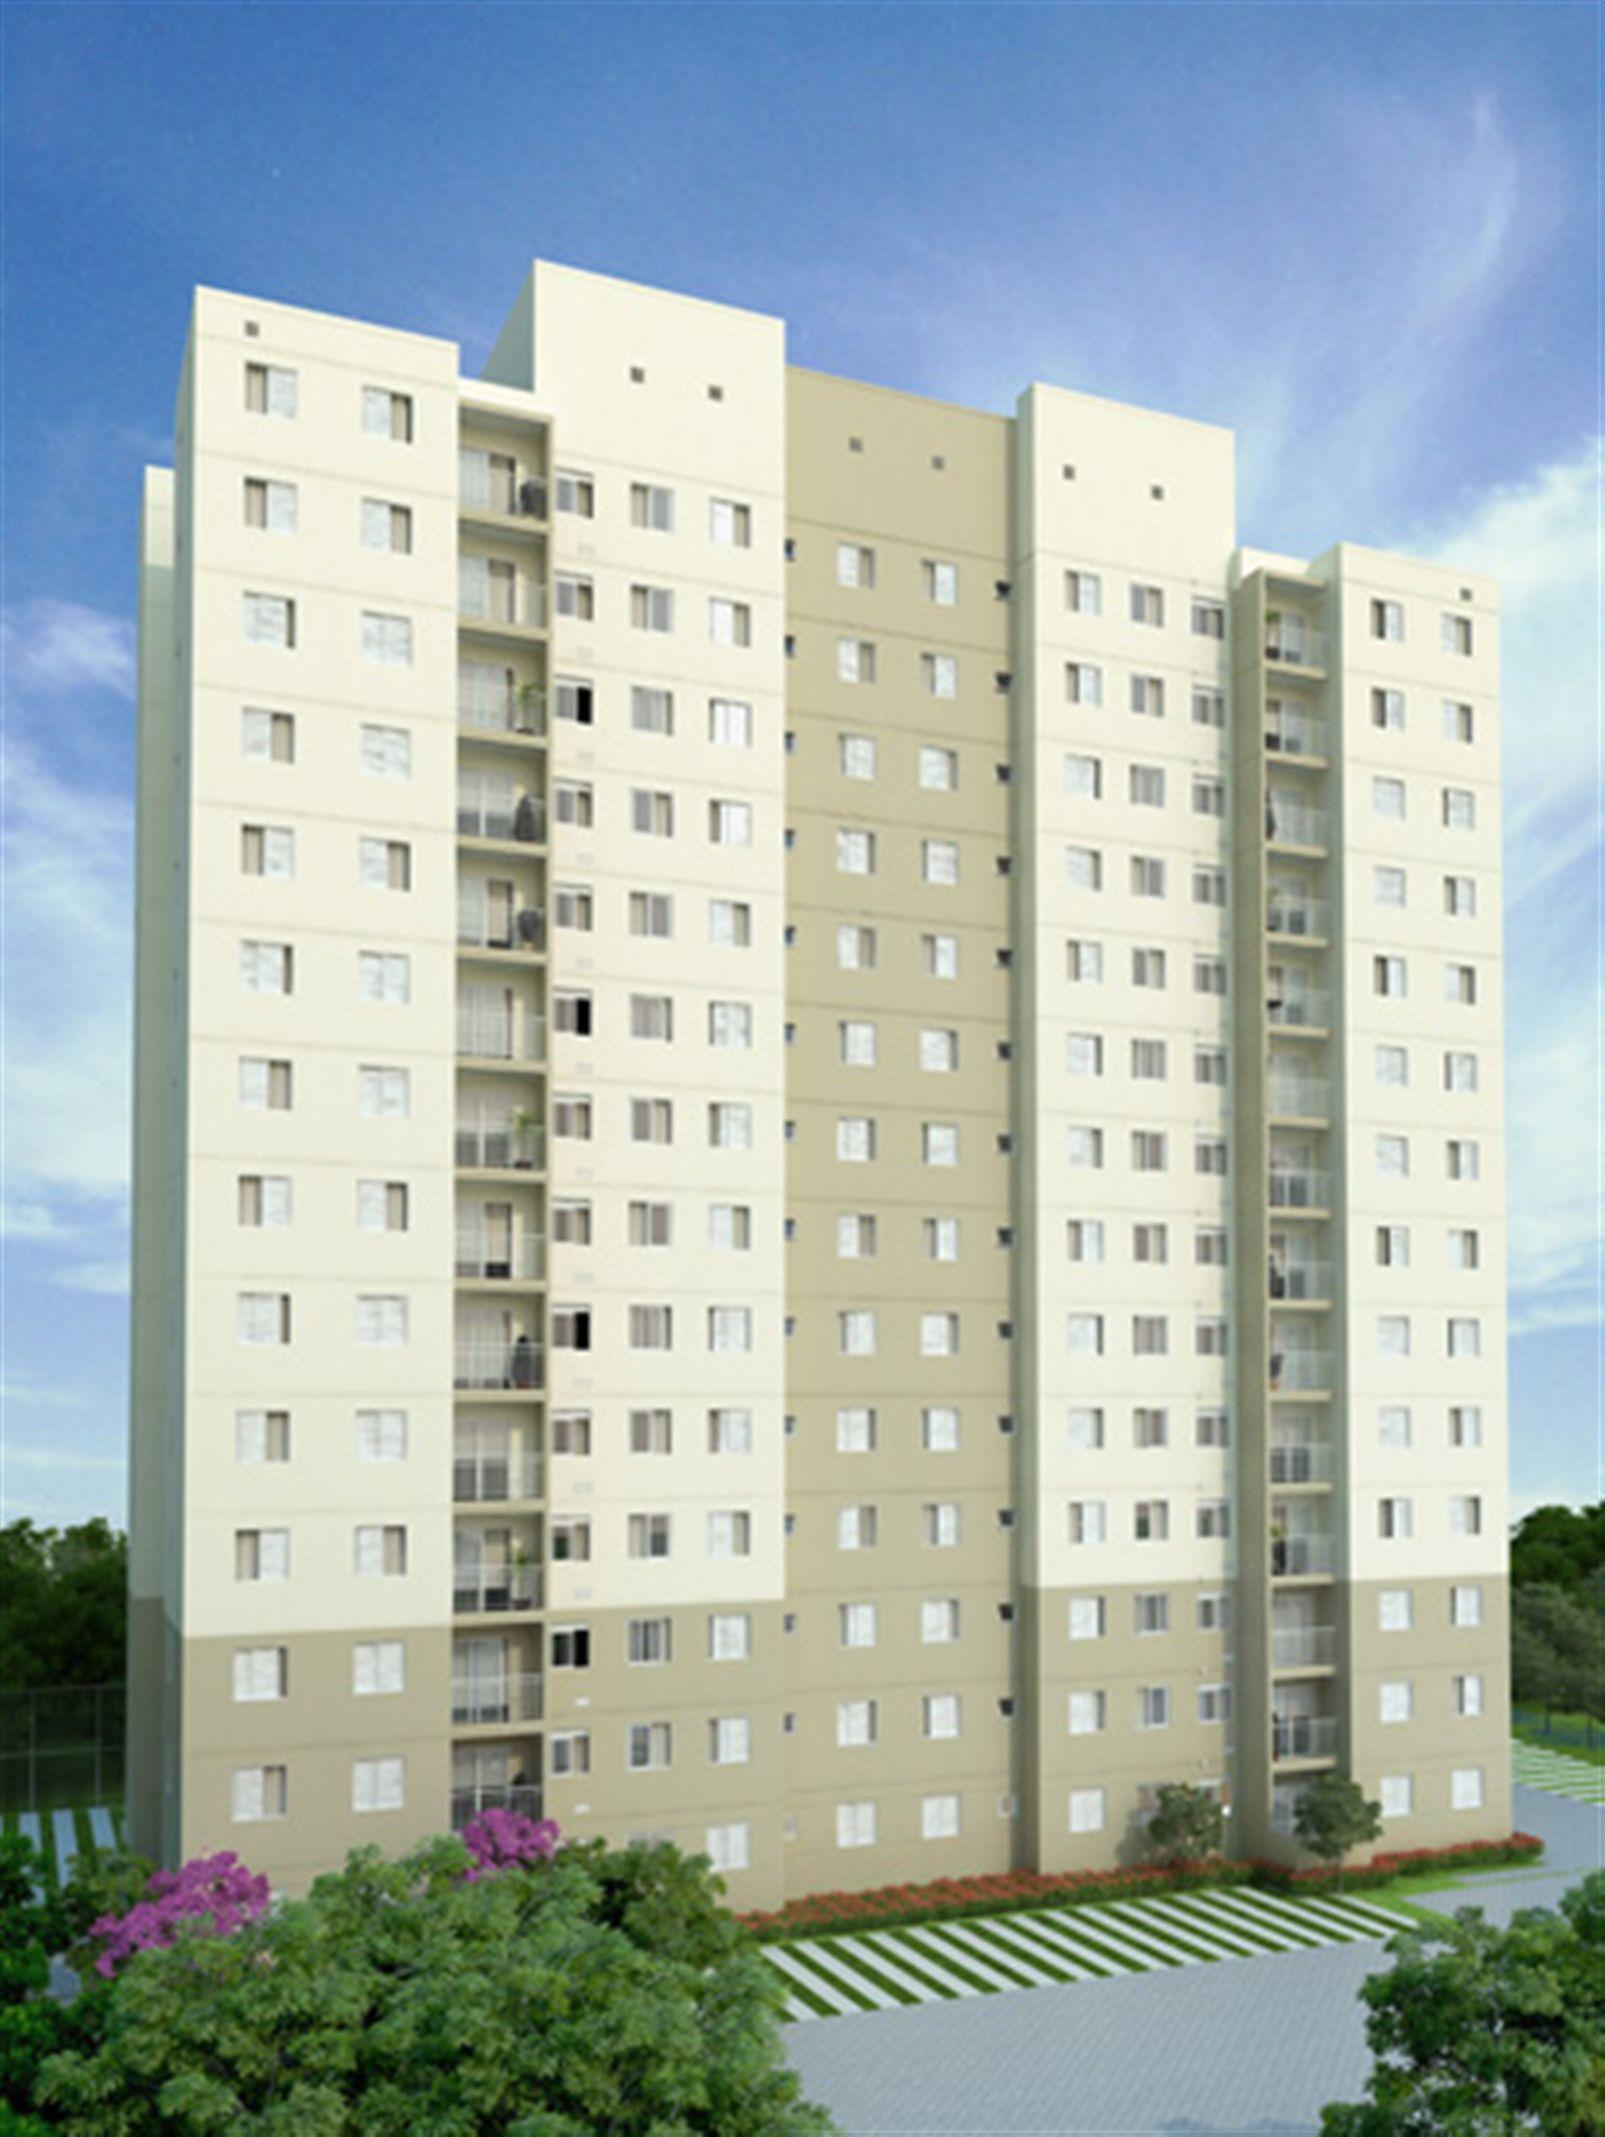   Liber Park Campo Limpo - Apartamento no Campo Limpo - São Paulo - São Paulo